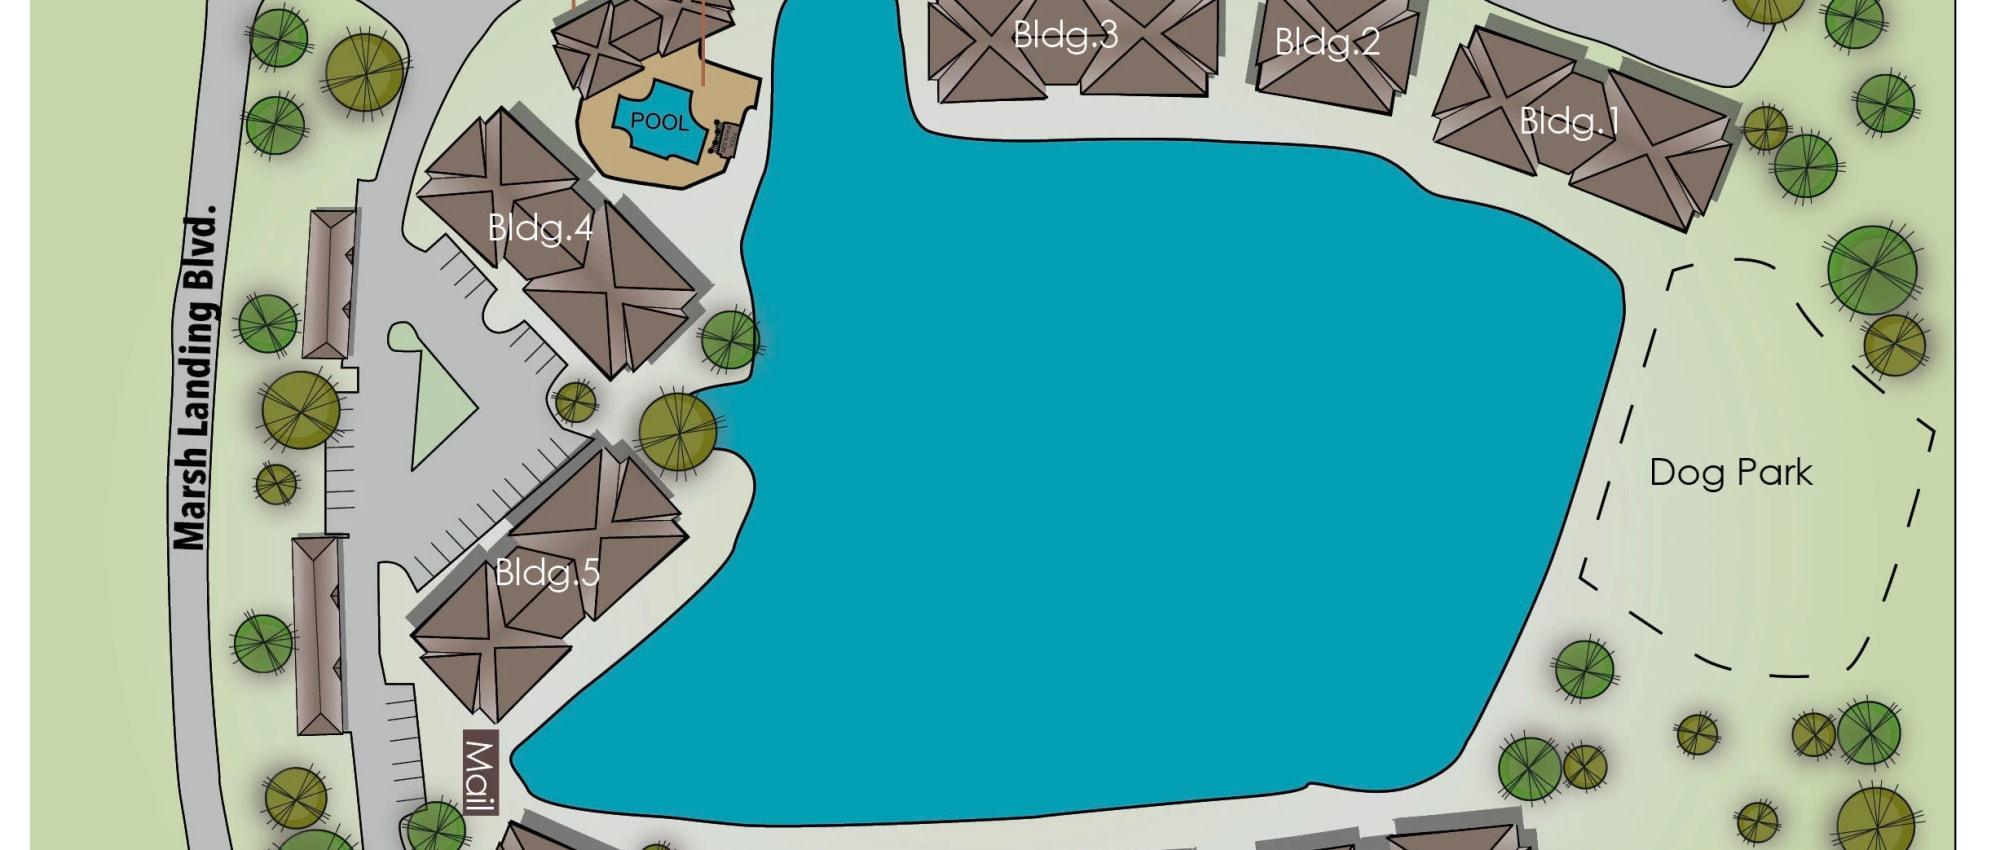 Ocean Park of Ponte Vedra site plan